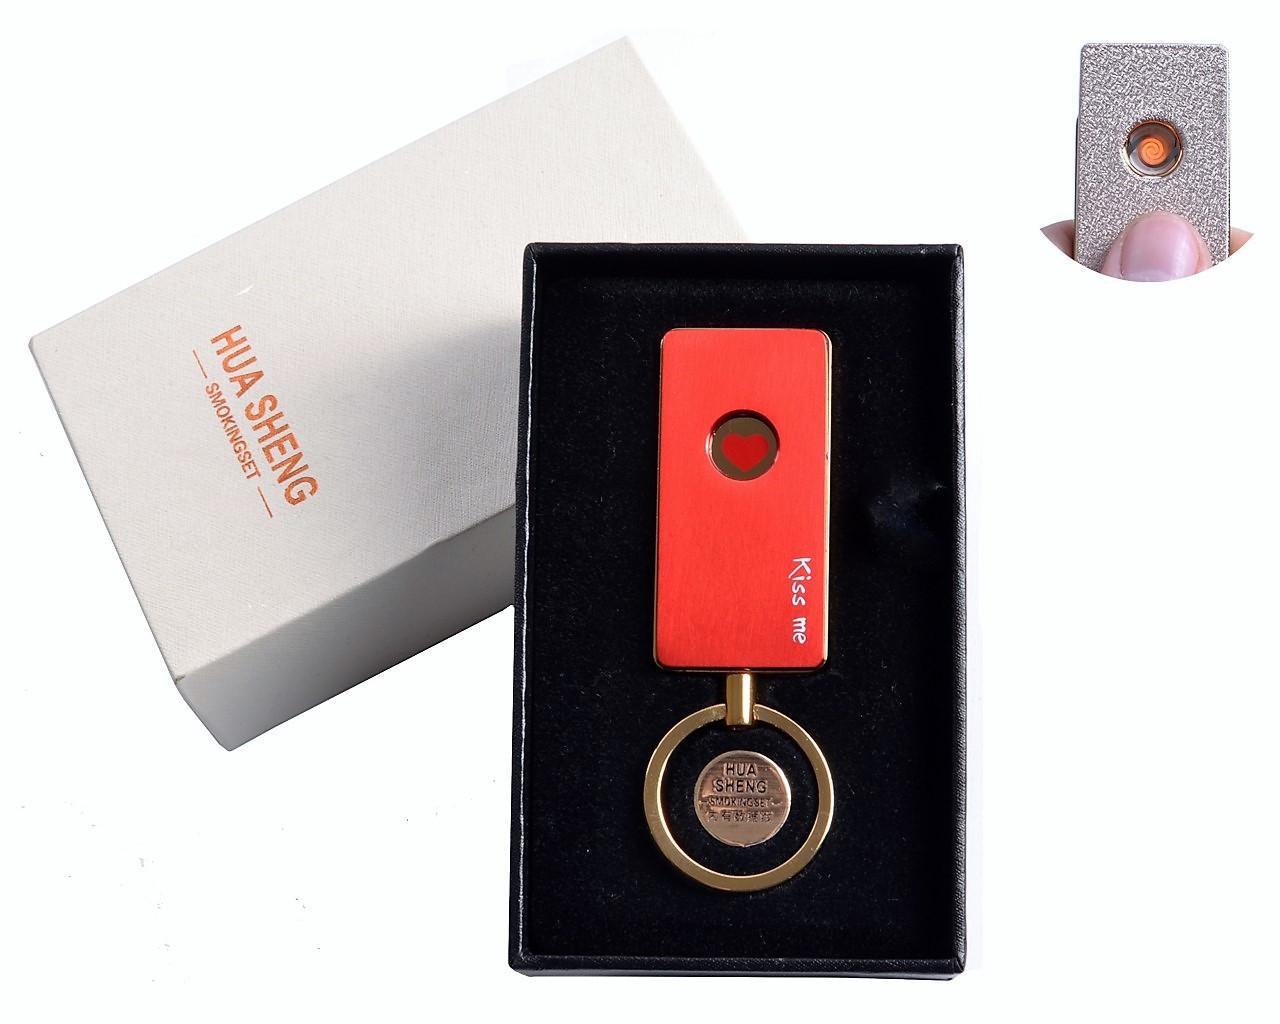 """Спиральная USB-зажигалка """"Kiss me"""" №4808-2, модный девайс в подарочной упаковке, выполнена в виде брелка"""